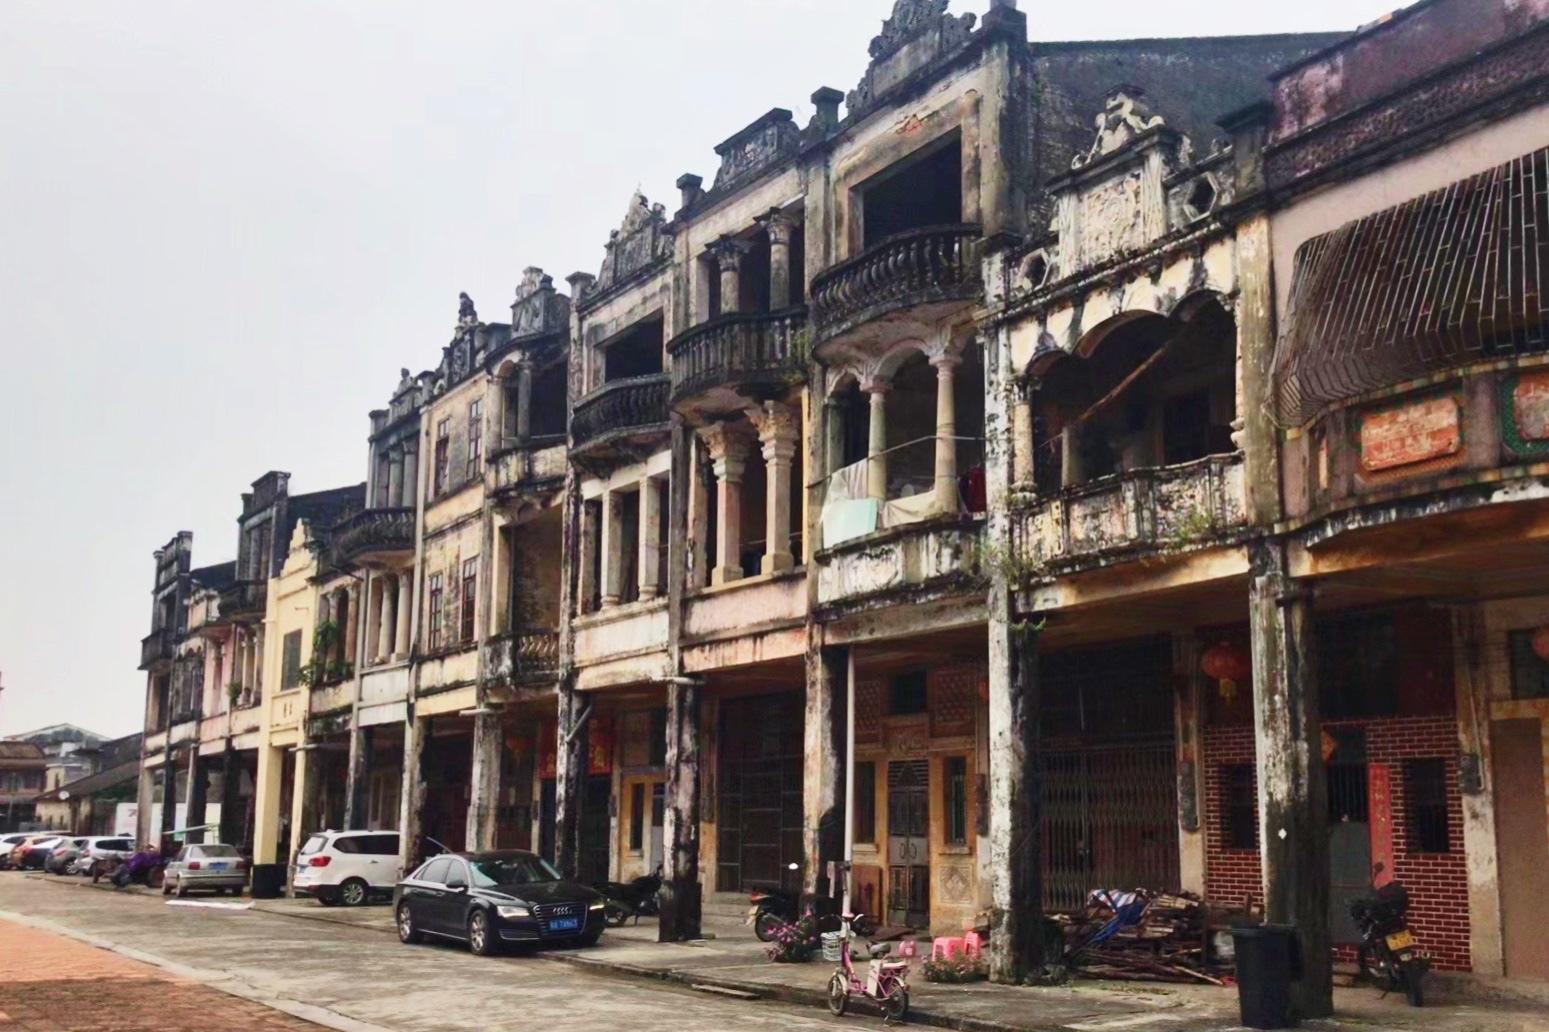 梅家大院(即汀江圩华侨建筑群)位于广东省台山市端芬镇大同河畔